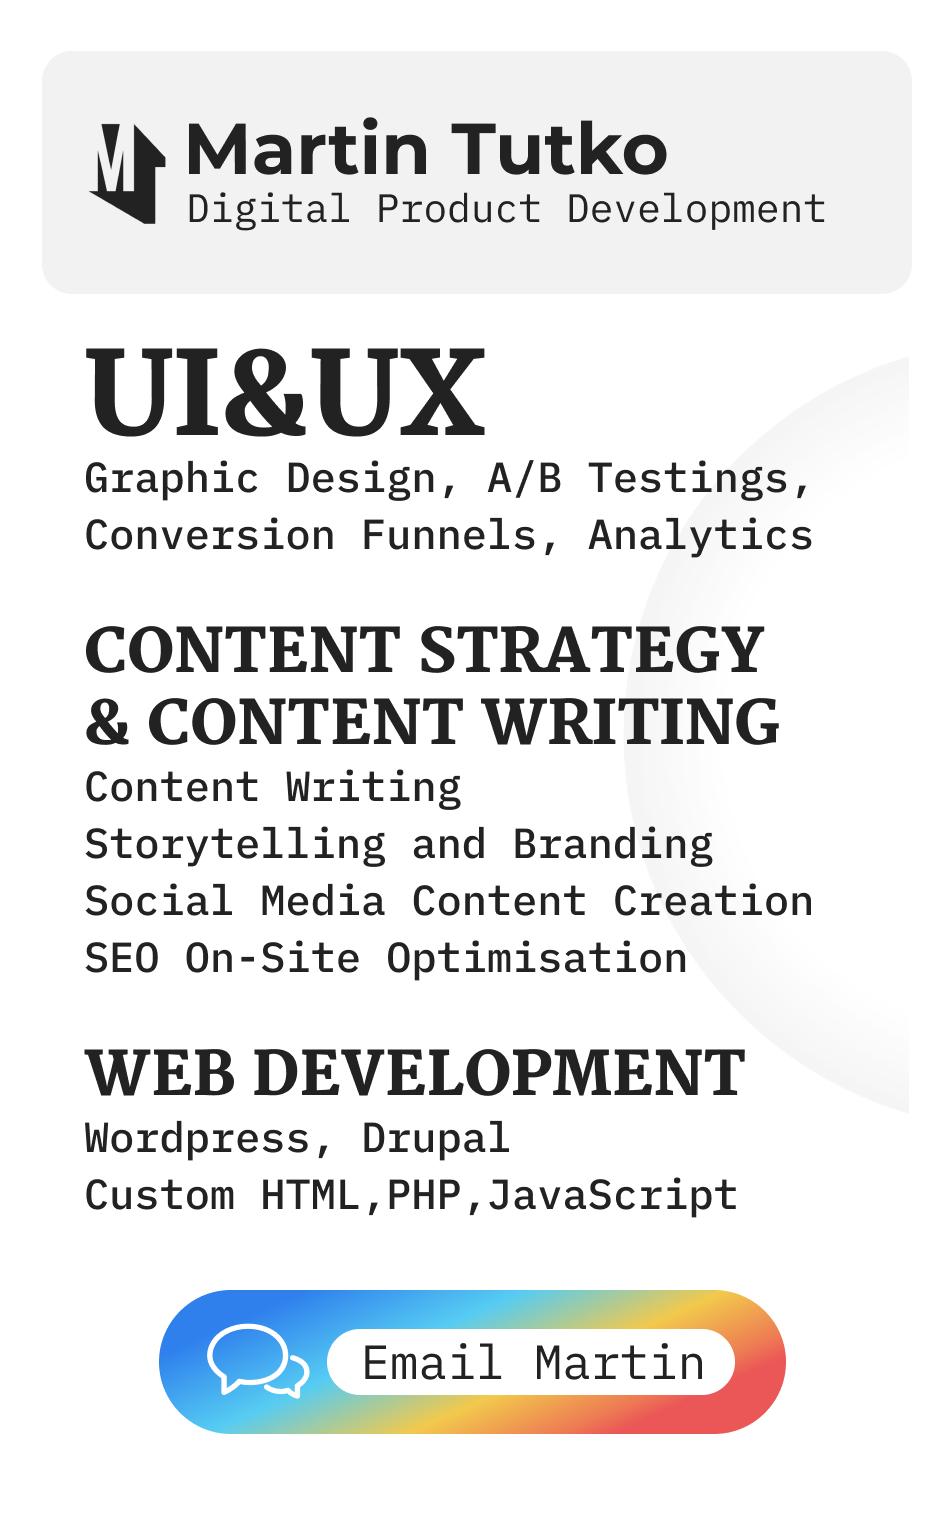 Martin Tutko - UX Design, Content Marketing